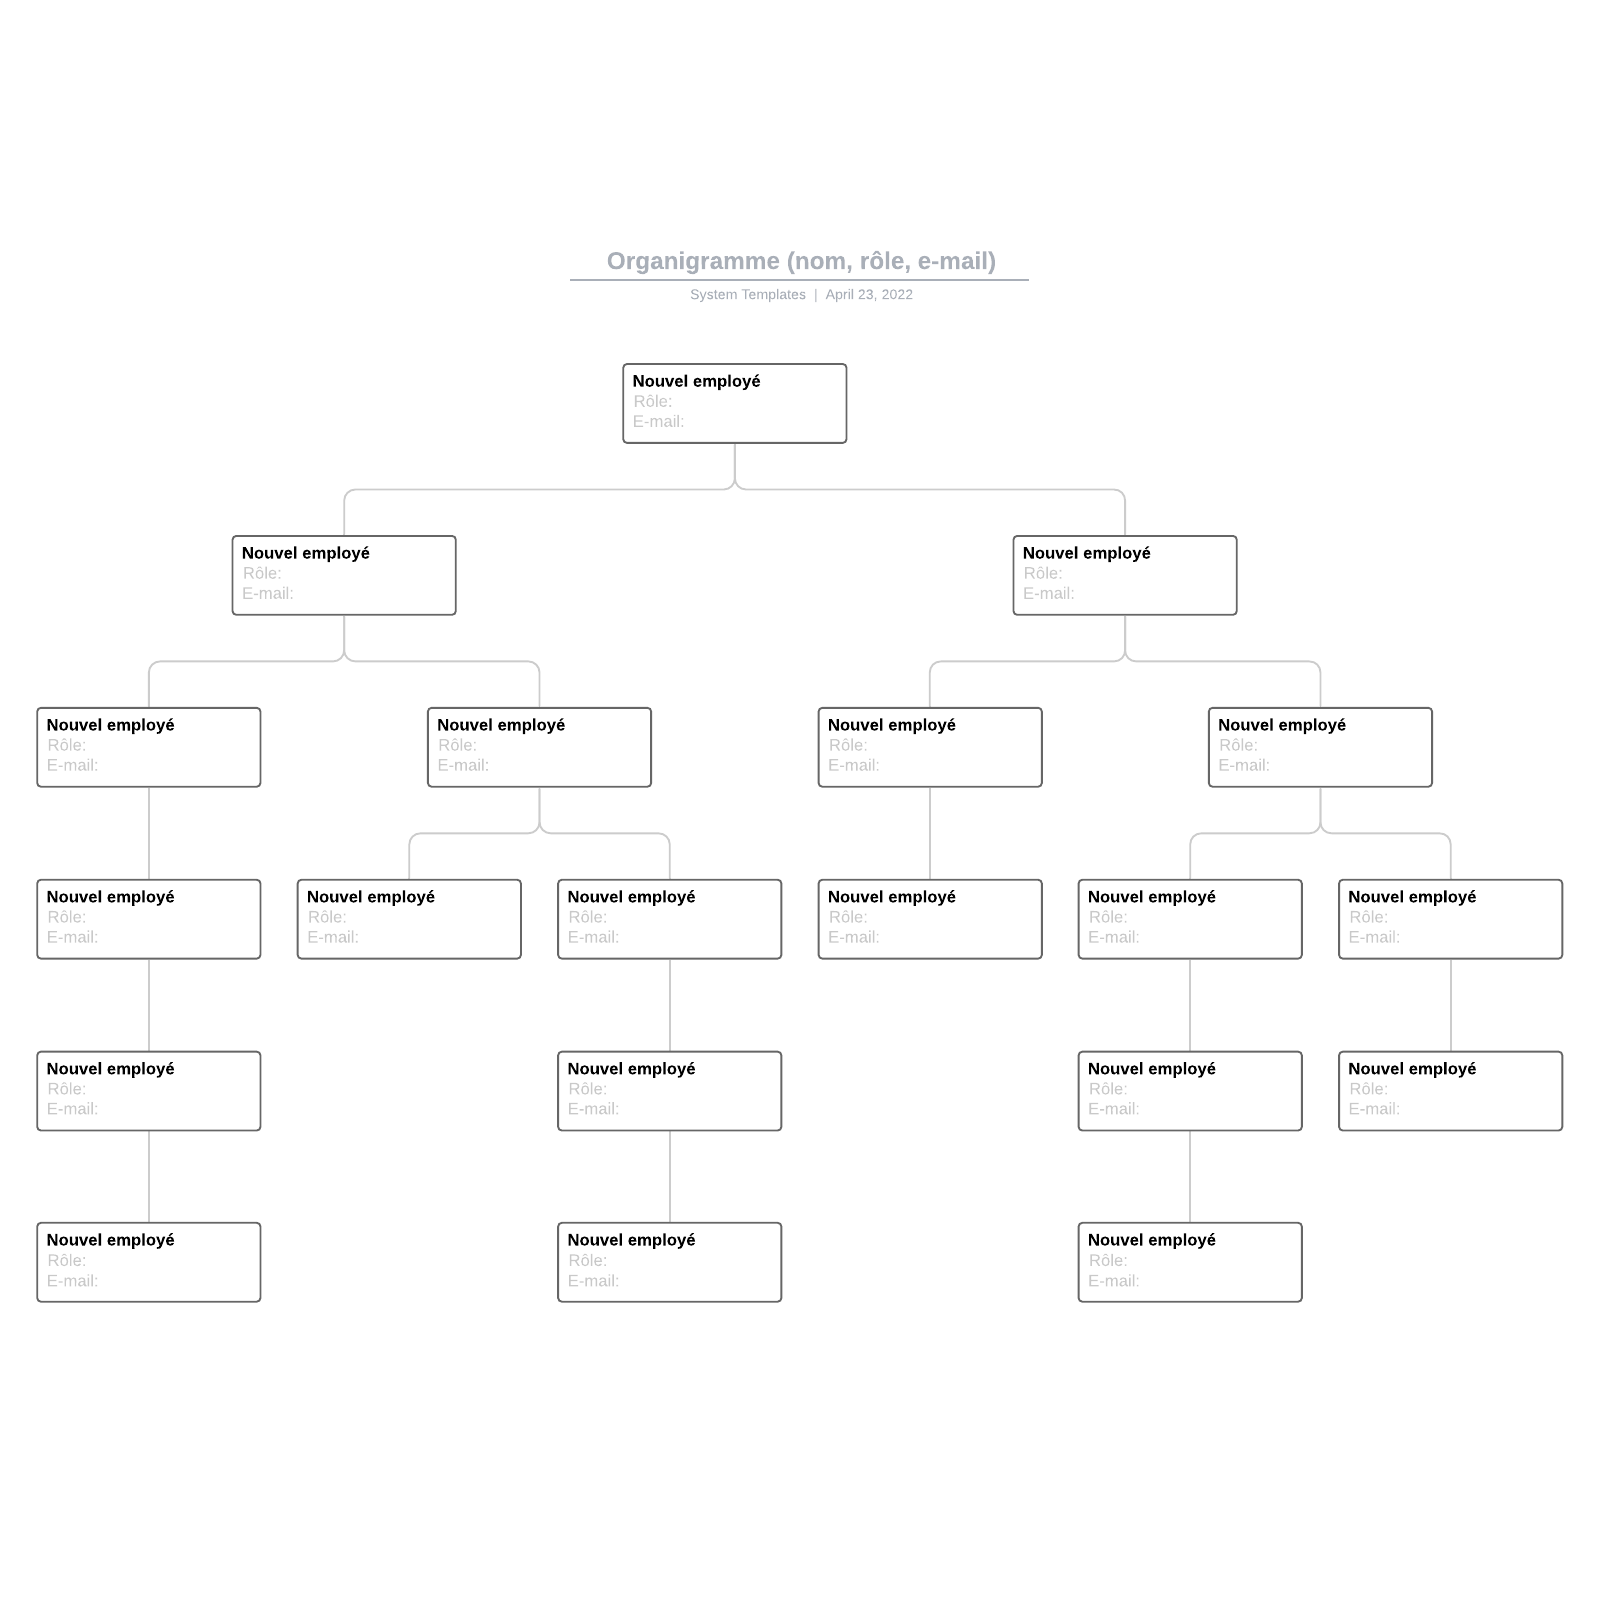 exemple d'organigramme (nom, rôle, e-mail) vierge